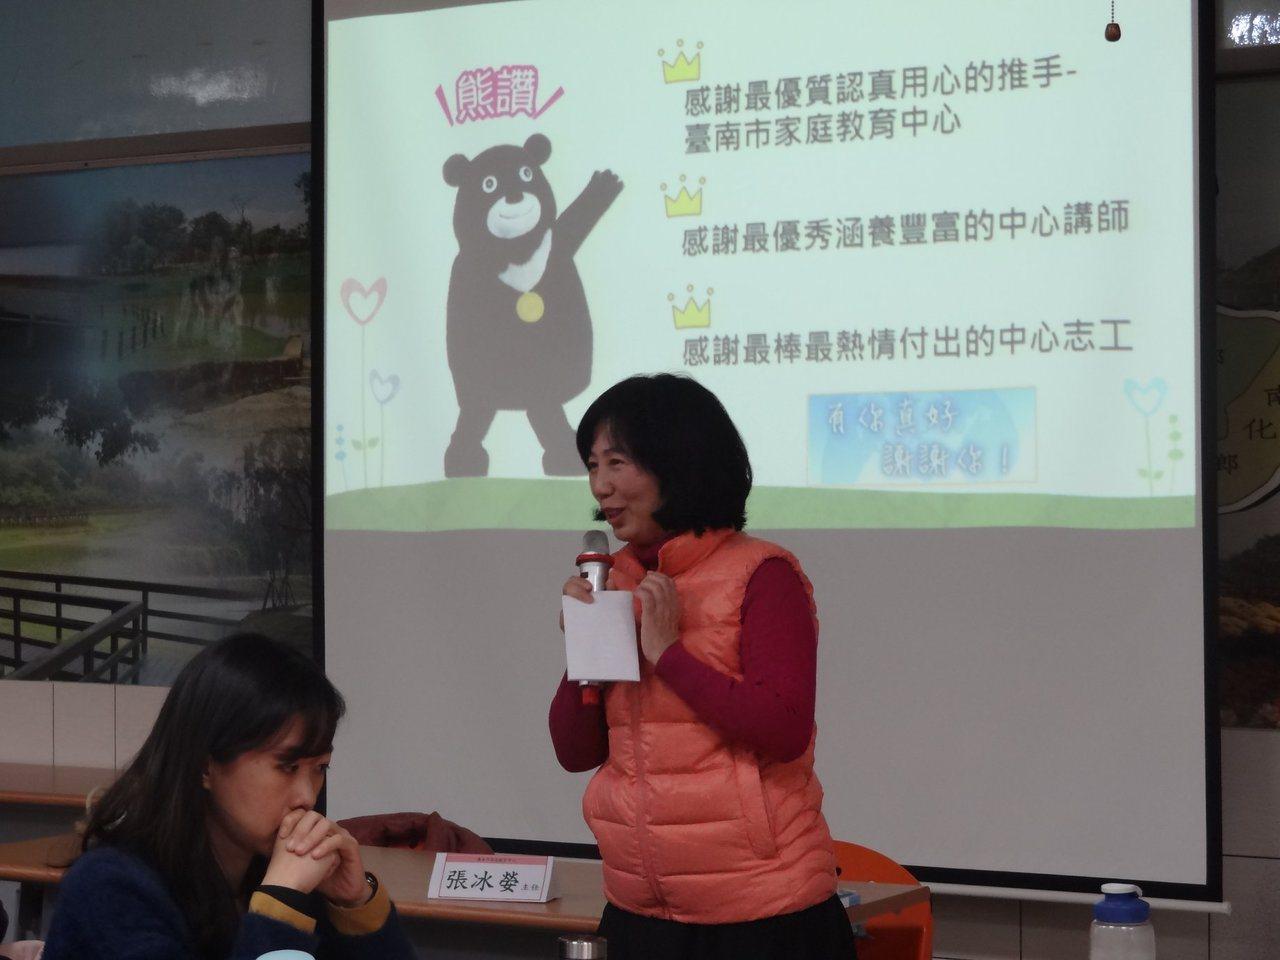 臺南市家庭教育中心張冰嫈。